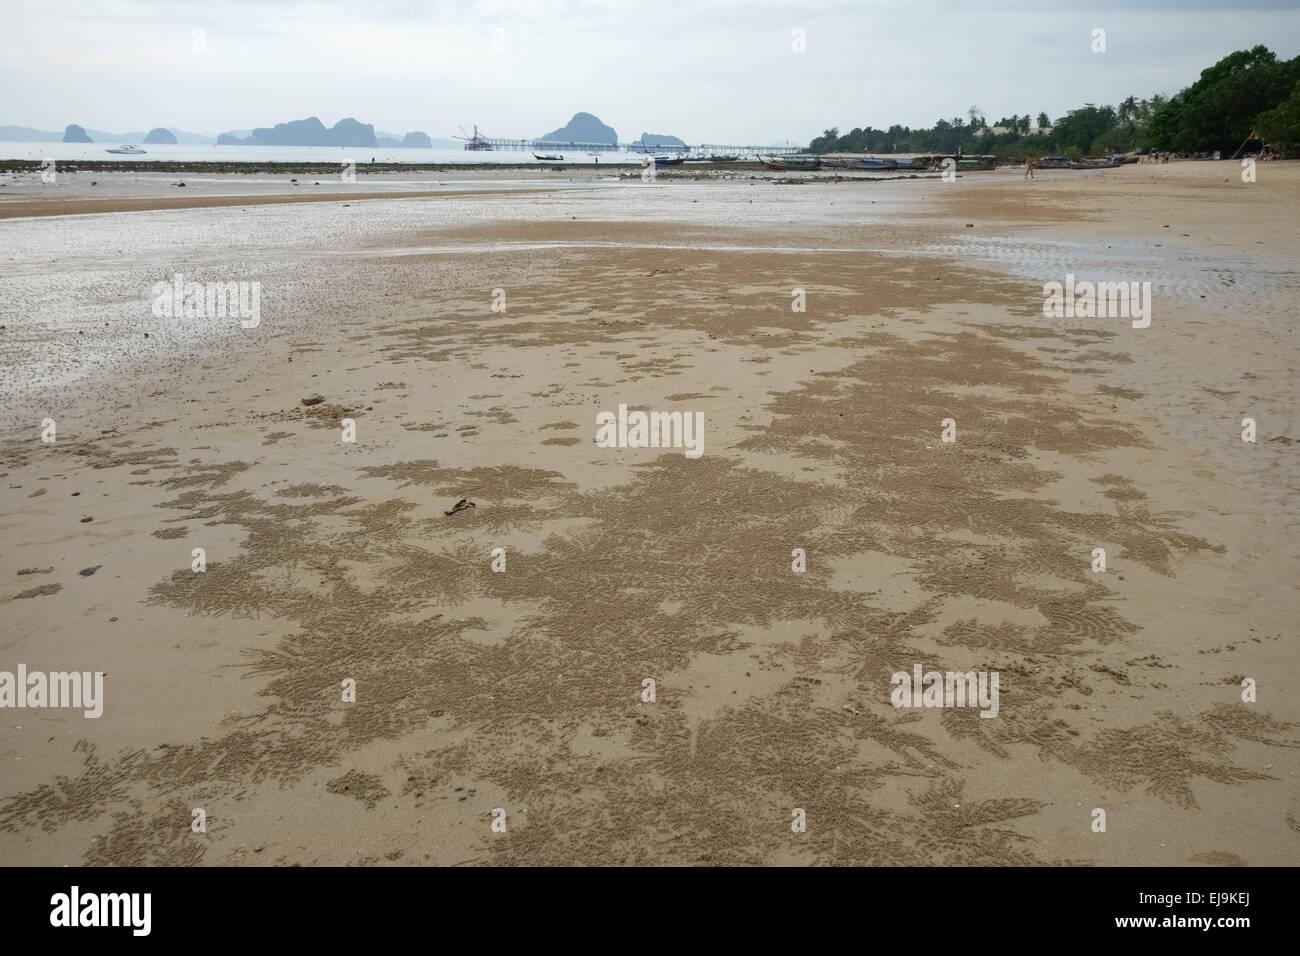 Los patrones formados por bolas creadas por arena borboteador cangrejos Scopimera spp., en marea baja en una playa Imagen De Stock